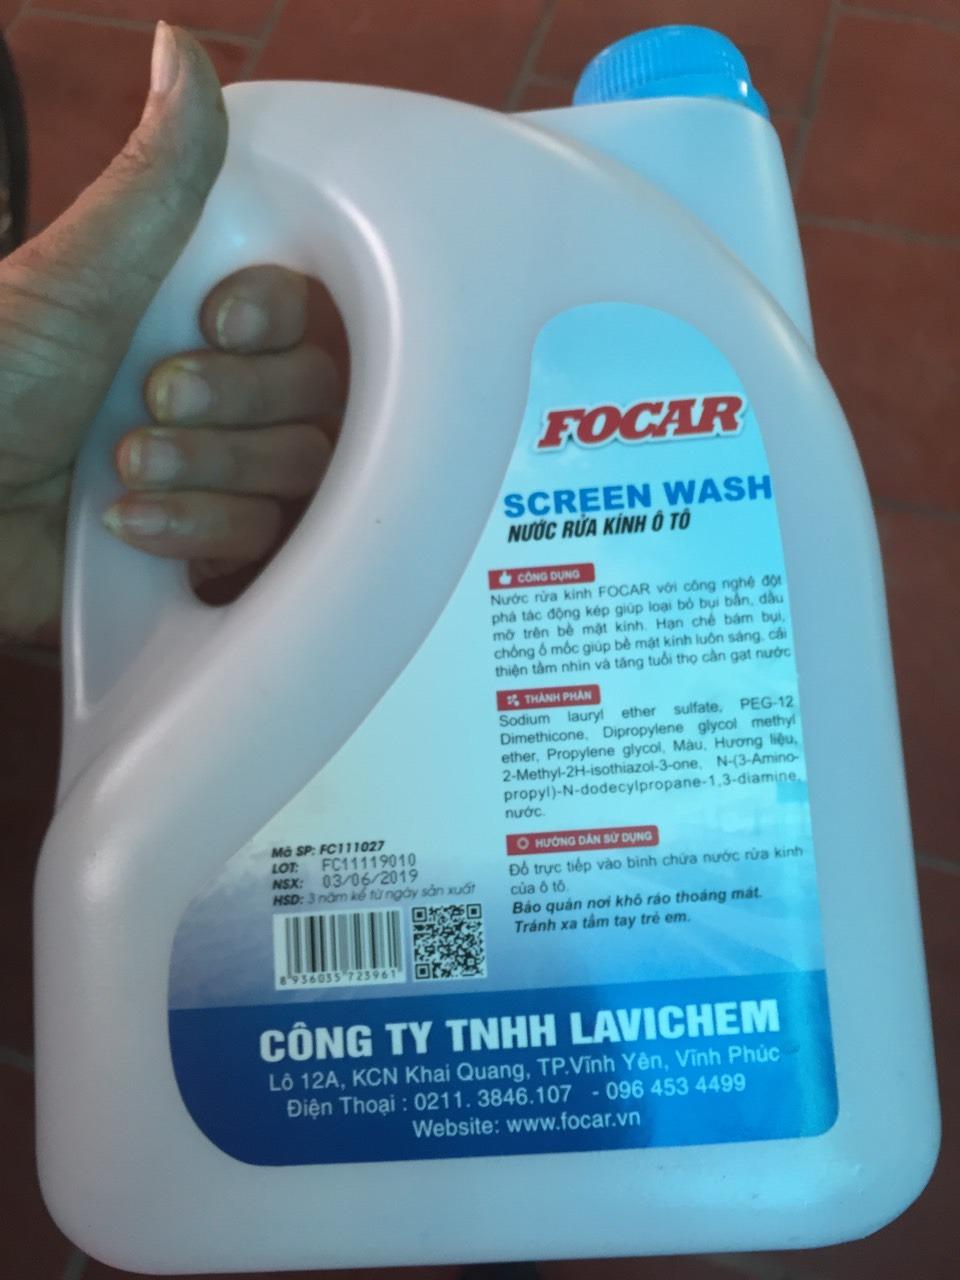 Nước Rửa Kính Ô Tô Focar Screen Wash (2.75L)